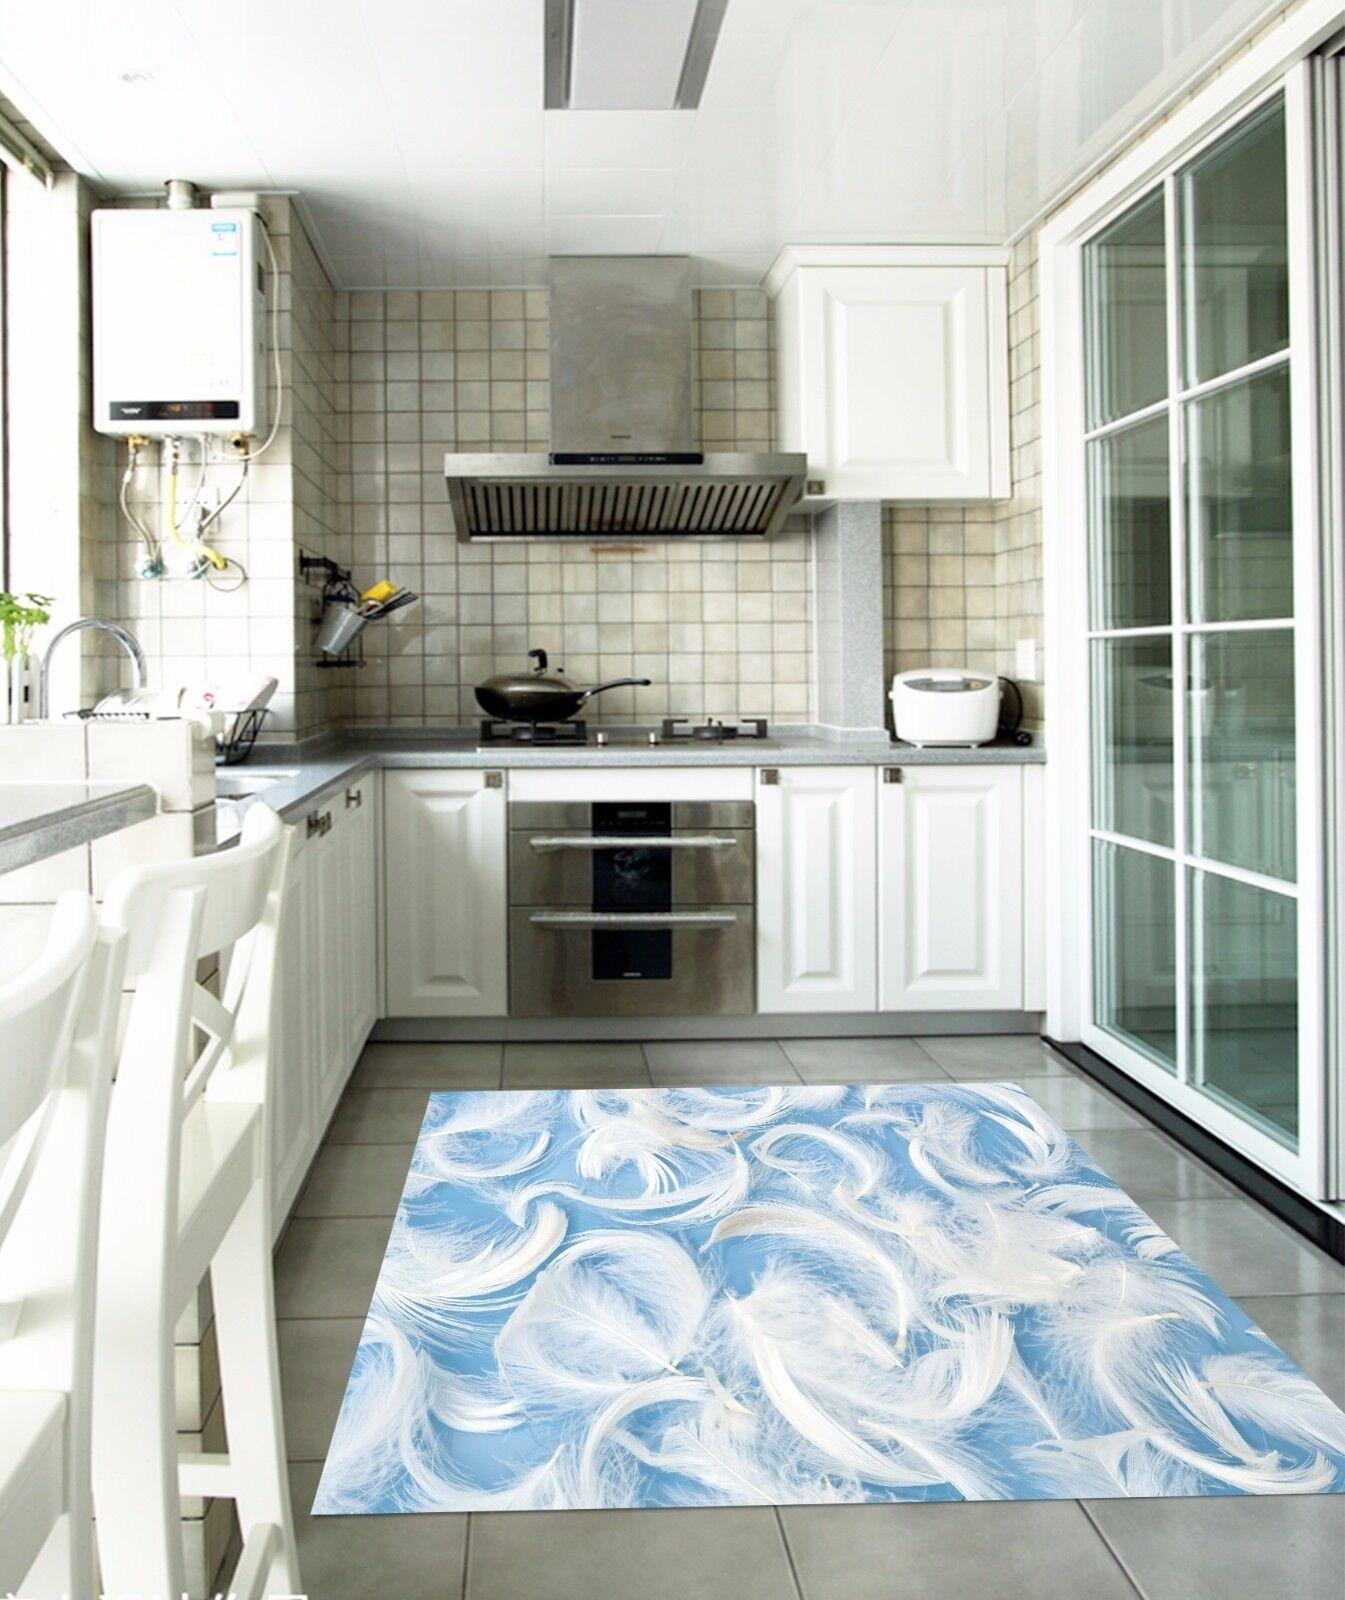 3D Feather 722 Kitchen Mat Floor Murals Wall Print Wall AJ WALLPAPER UK Kyra